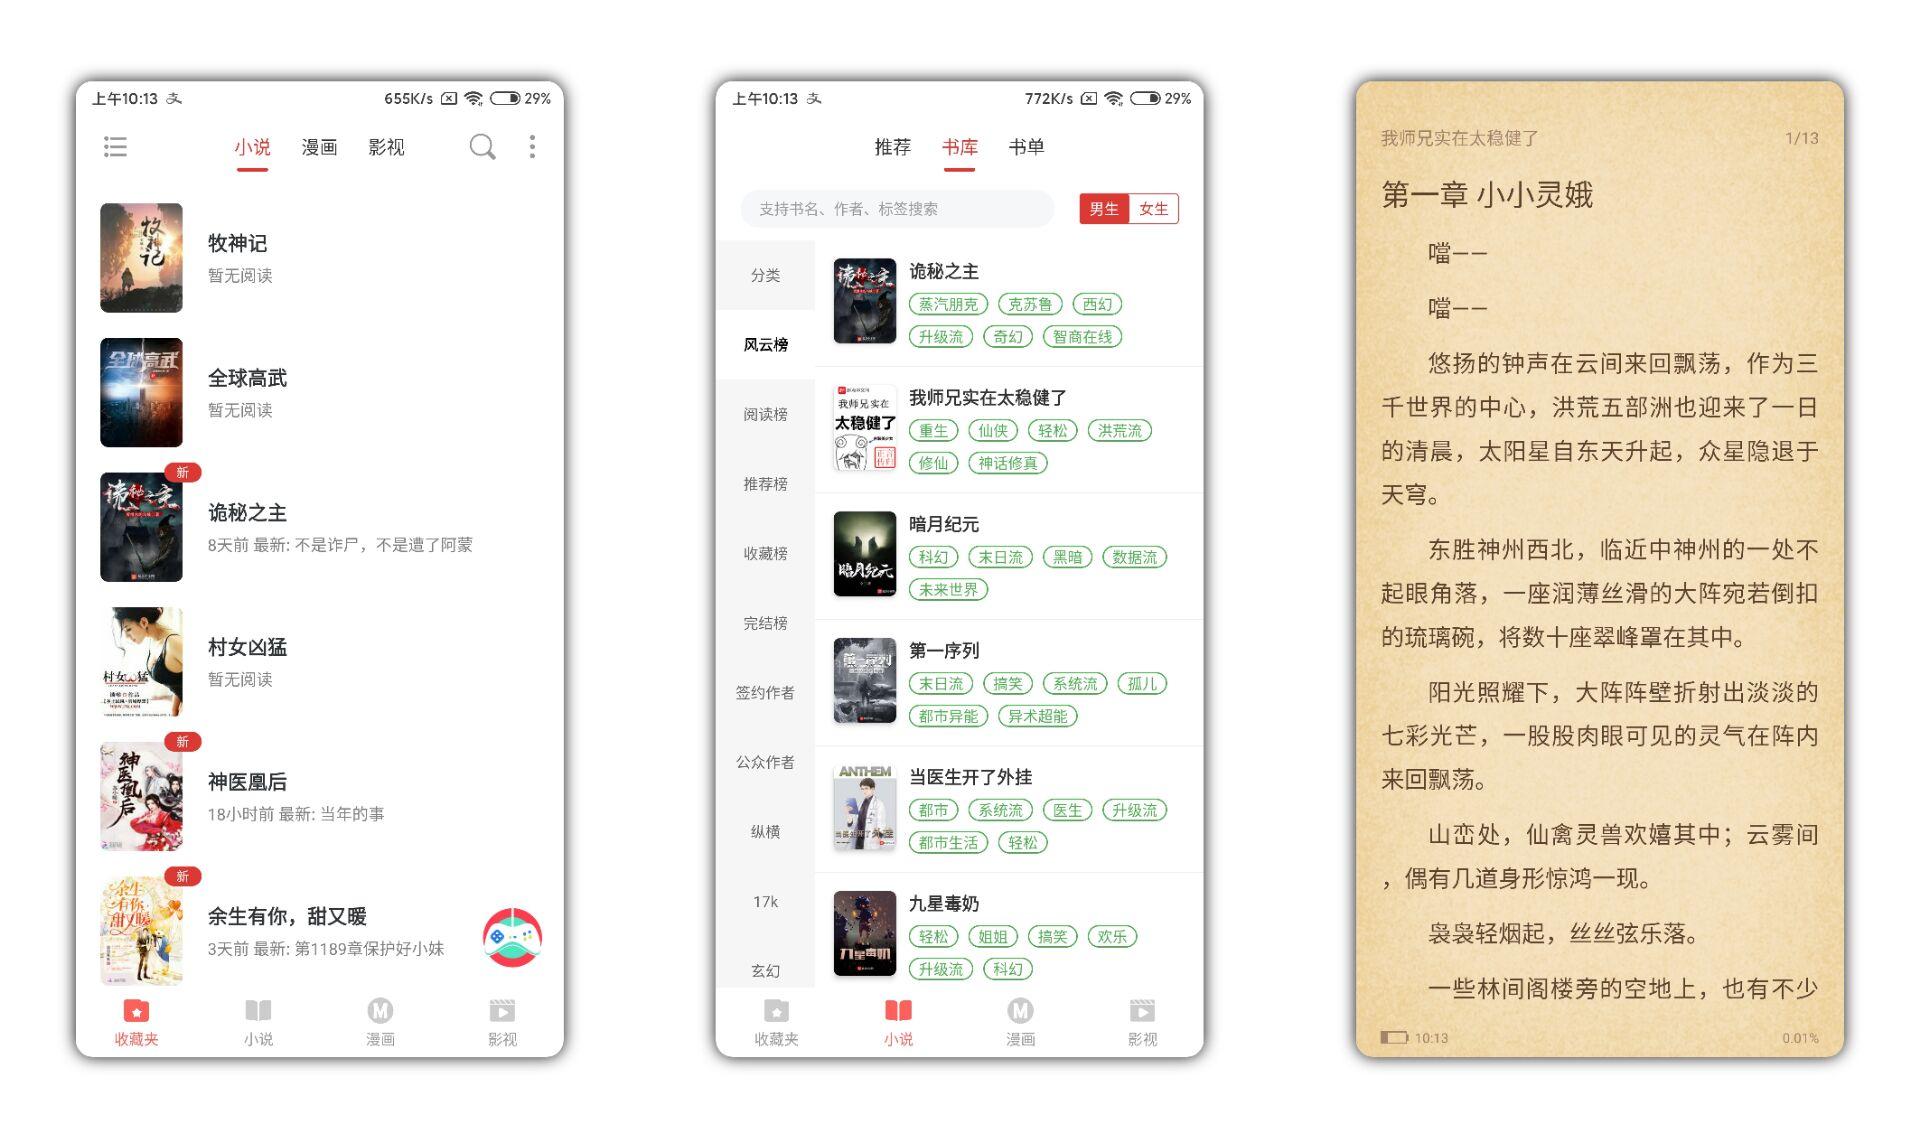 【淘淘小说去广告版】正版小说阅读器 每日更新 永久免费